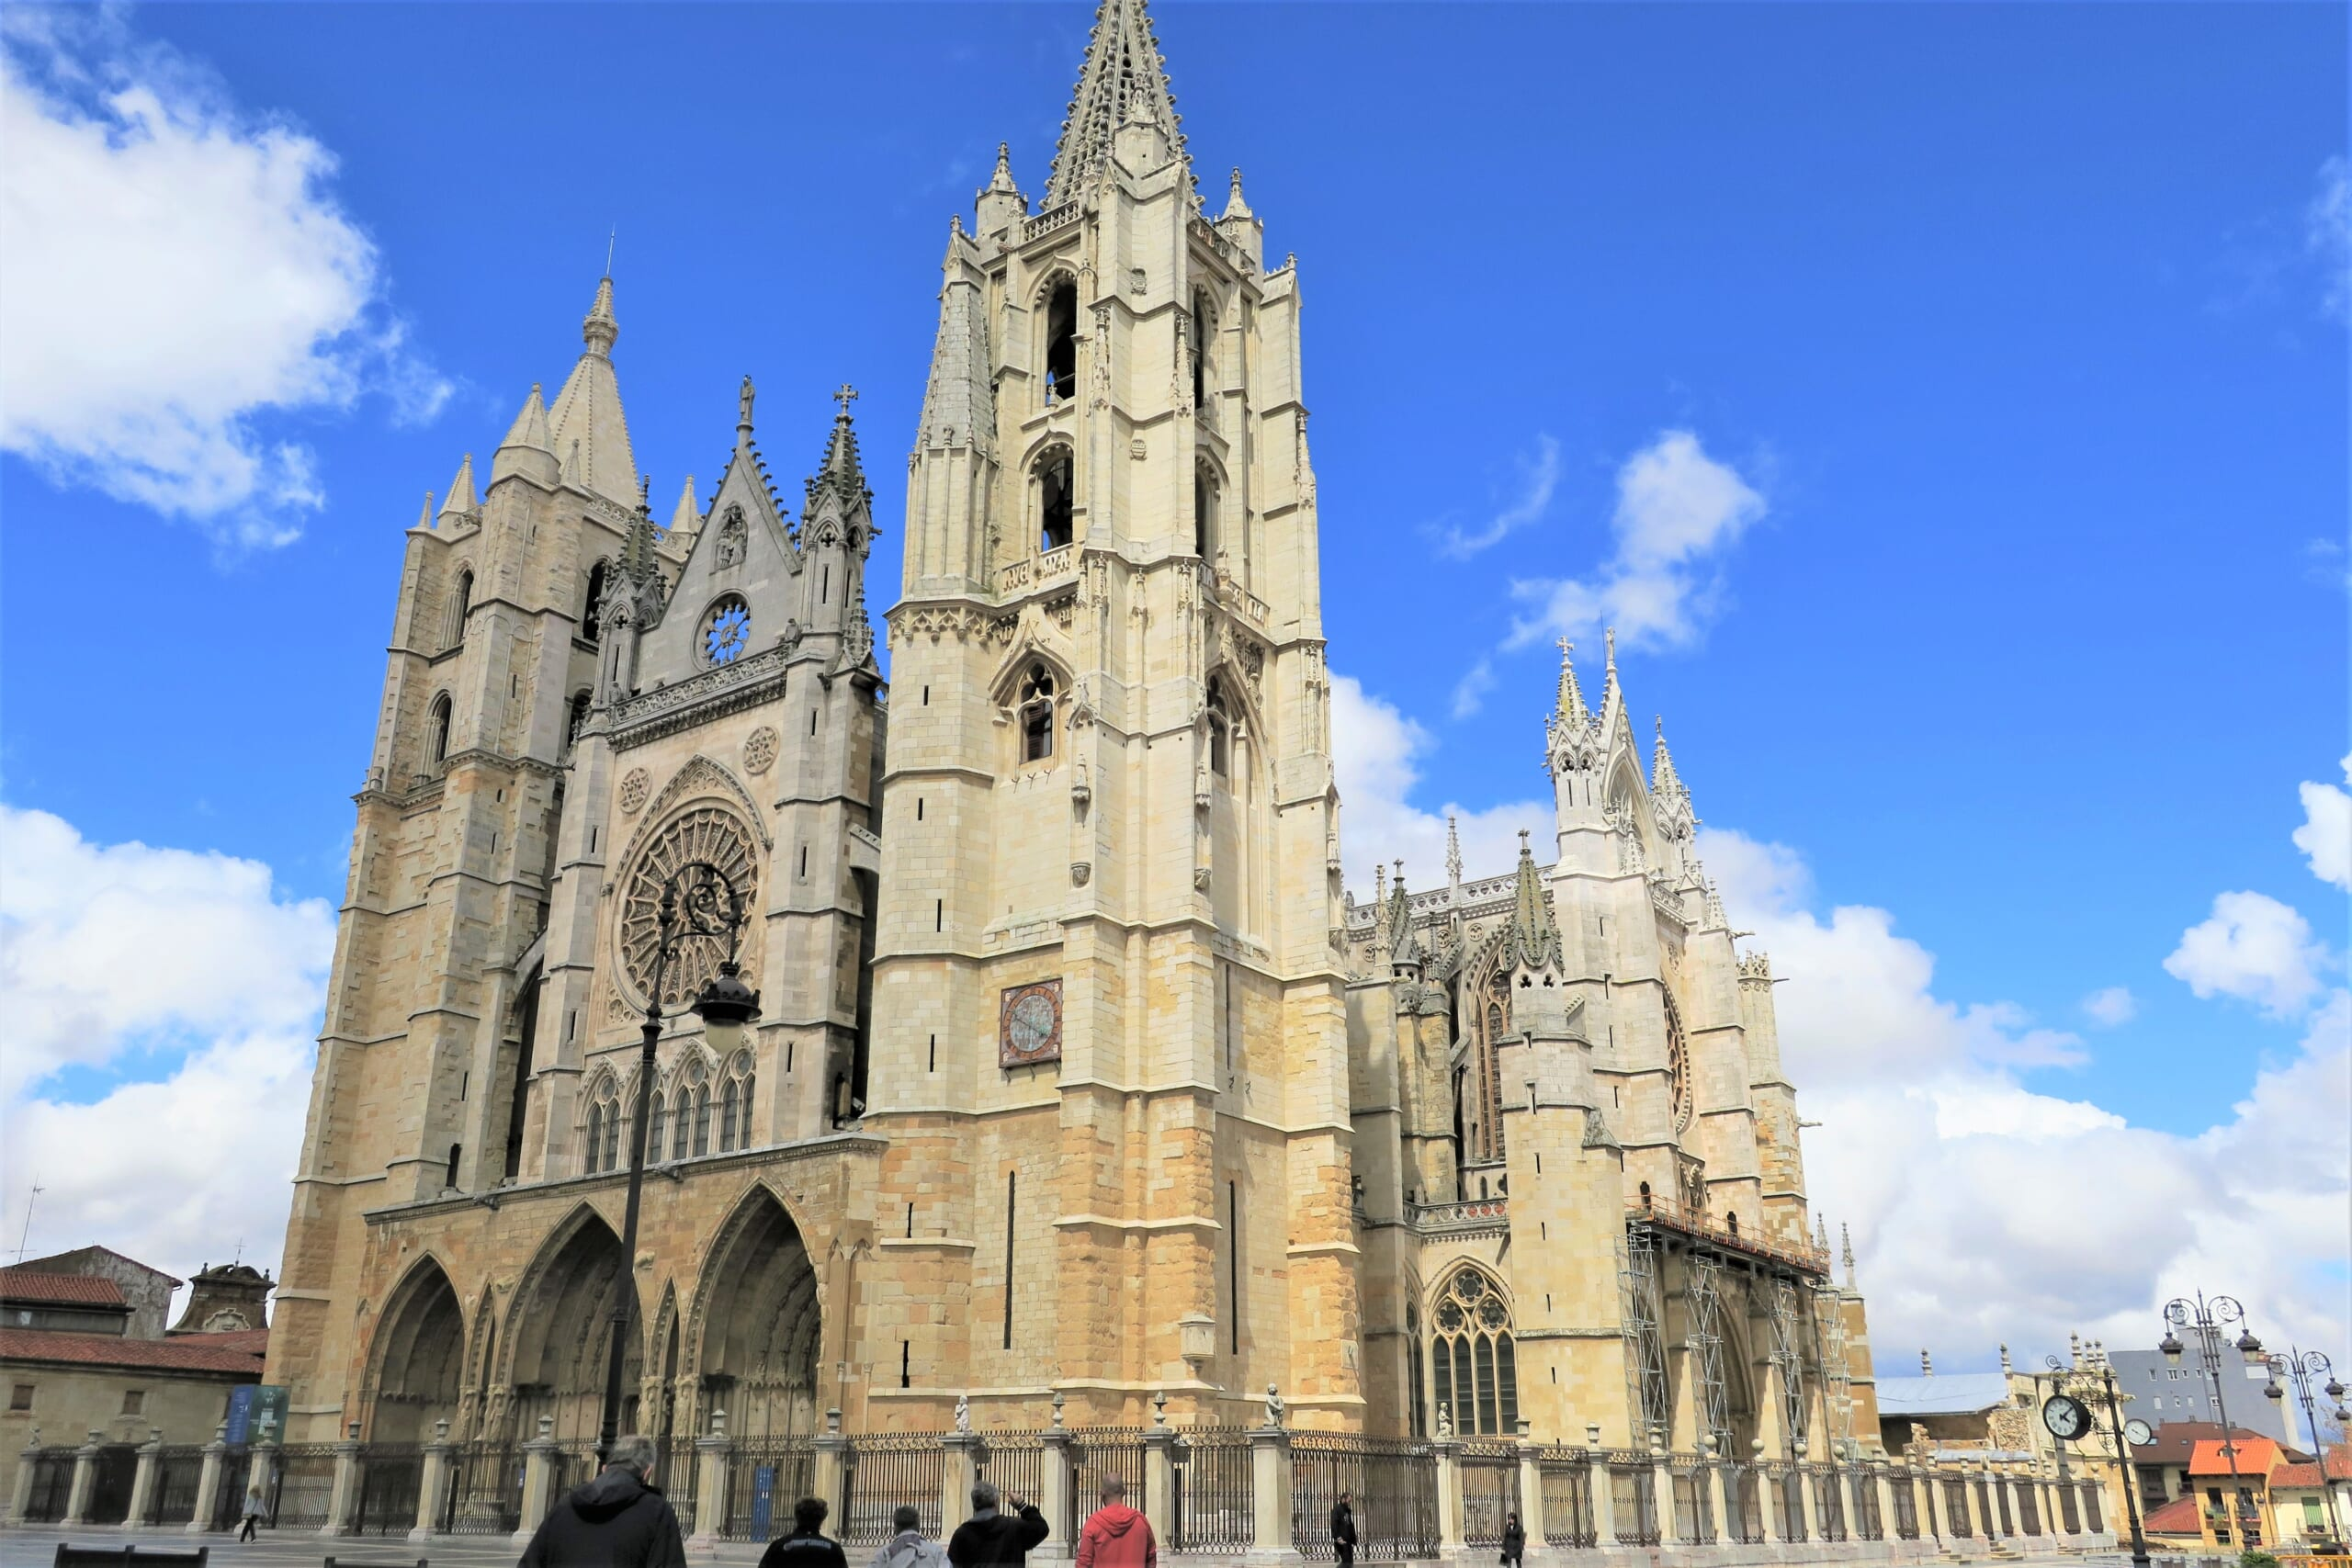 北スペインのゴシック様式の建築物